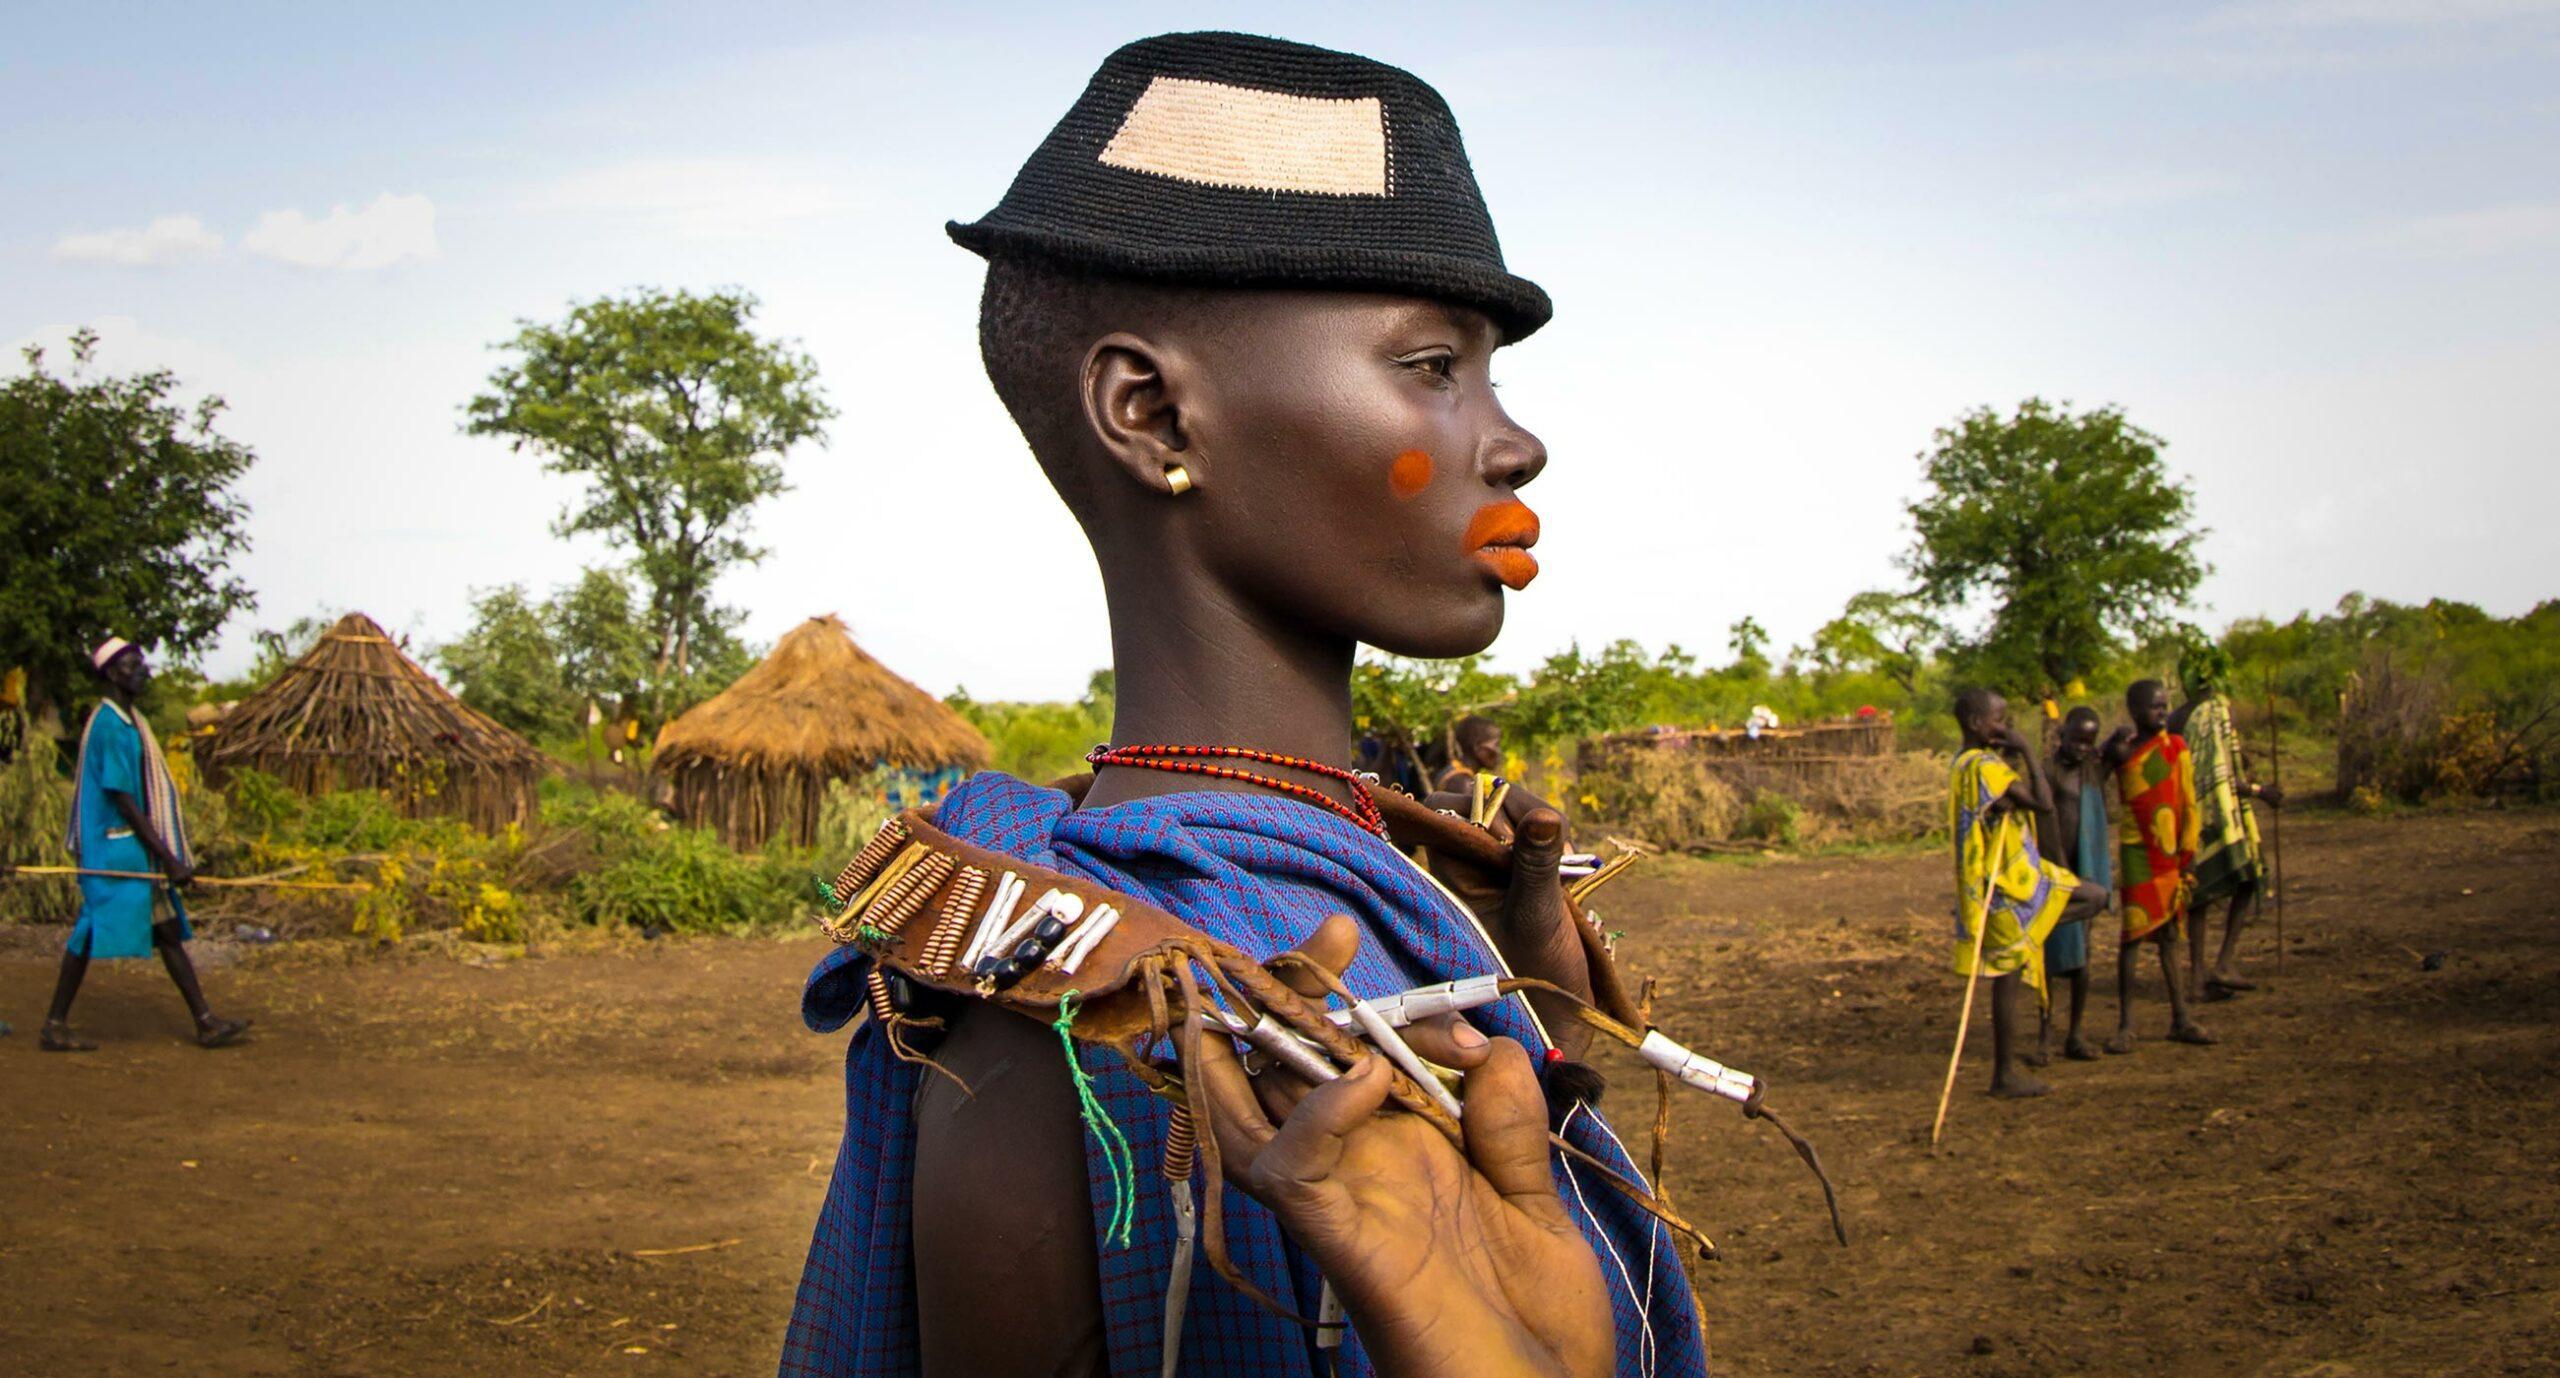 Культурна апропріація в моді, музиці й політиці